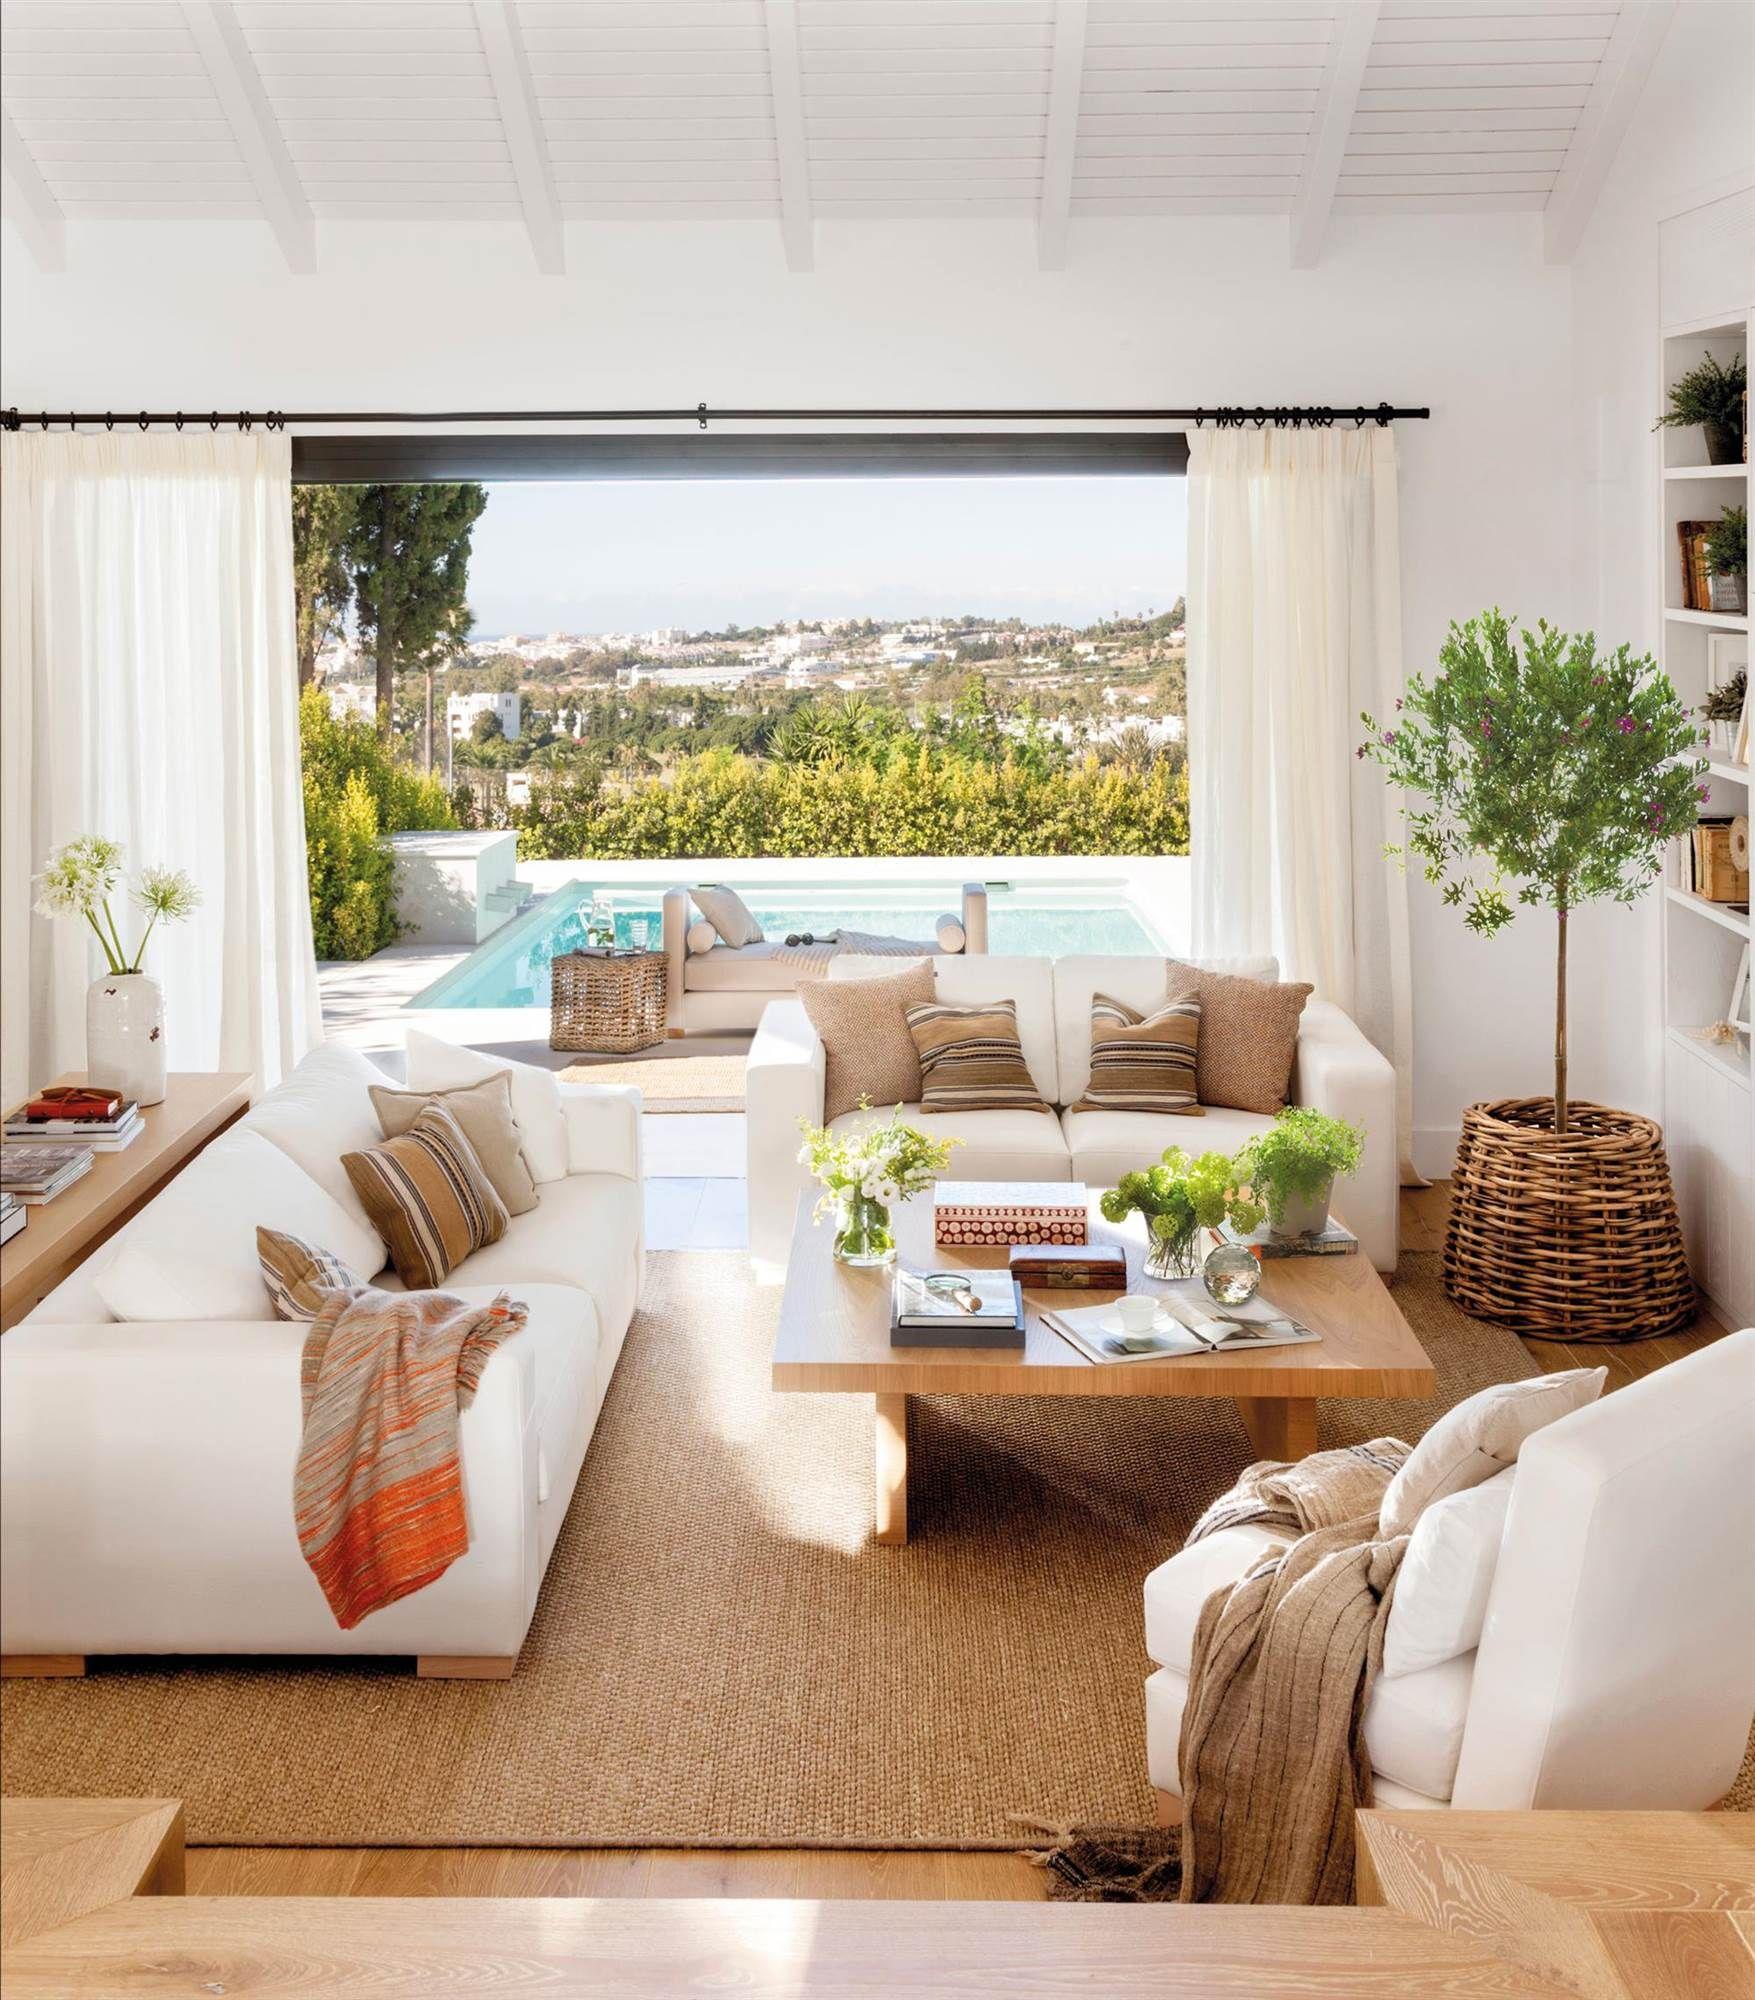 Sal n blanco con vistas a piscina sof s blancos cojines - Cojines marrones ...